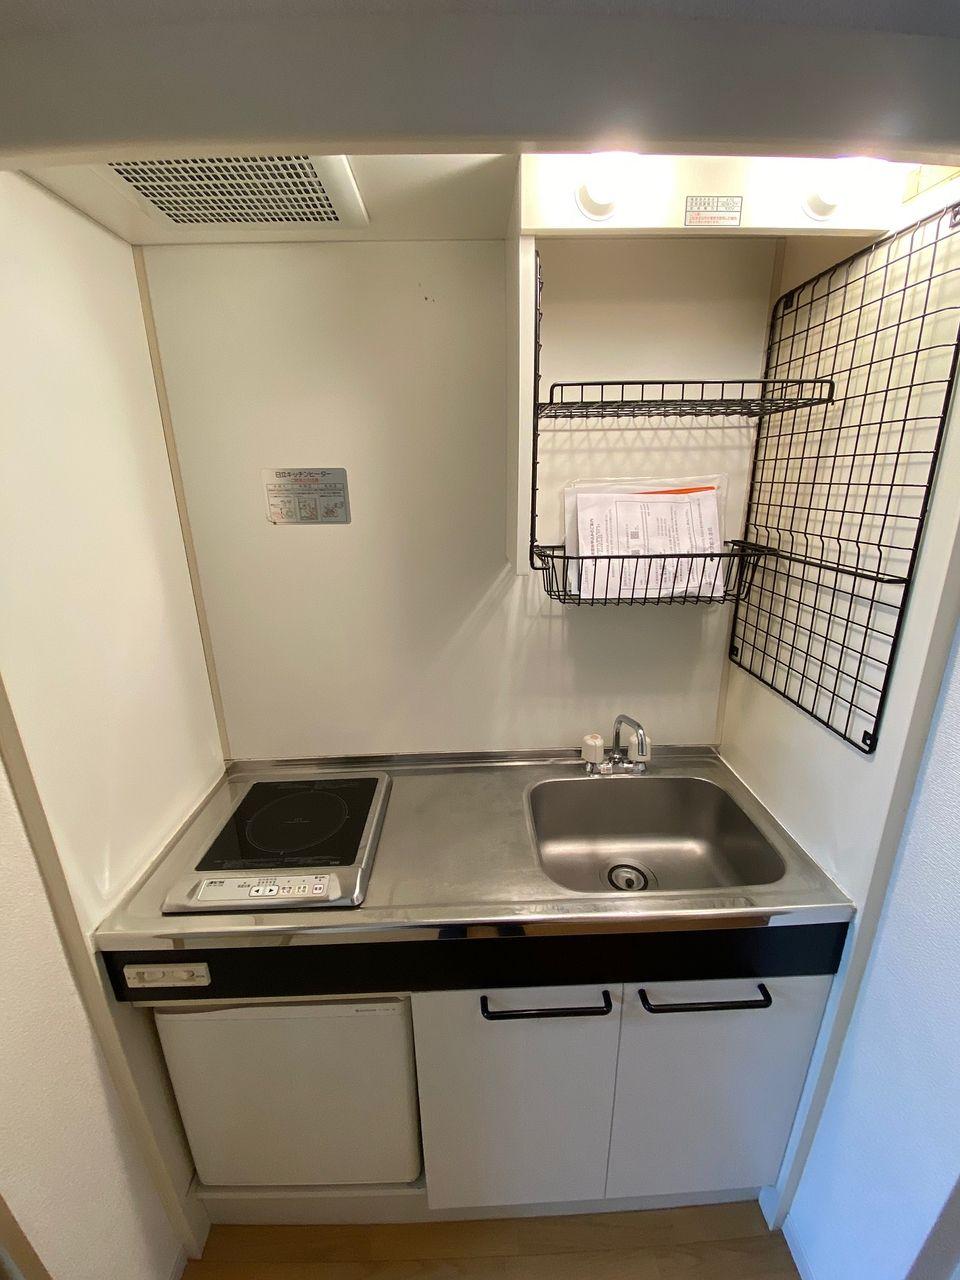 IHコンロを採用 ミニ冷蔵庫付です お持ちの冷蔵庫はお部屋でご使用ください